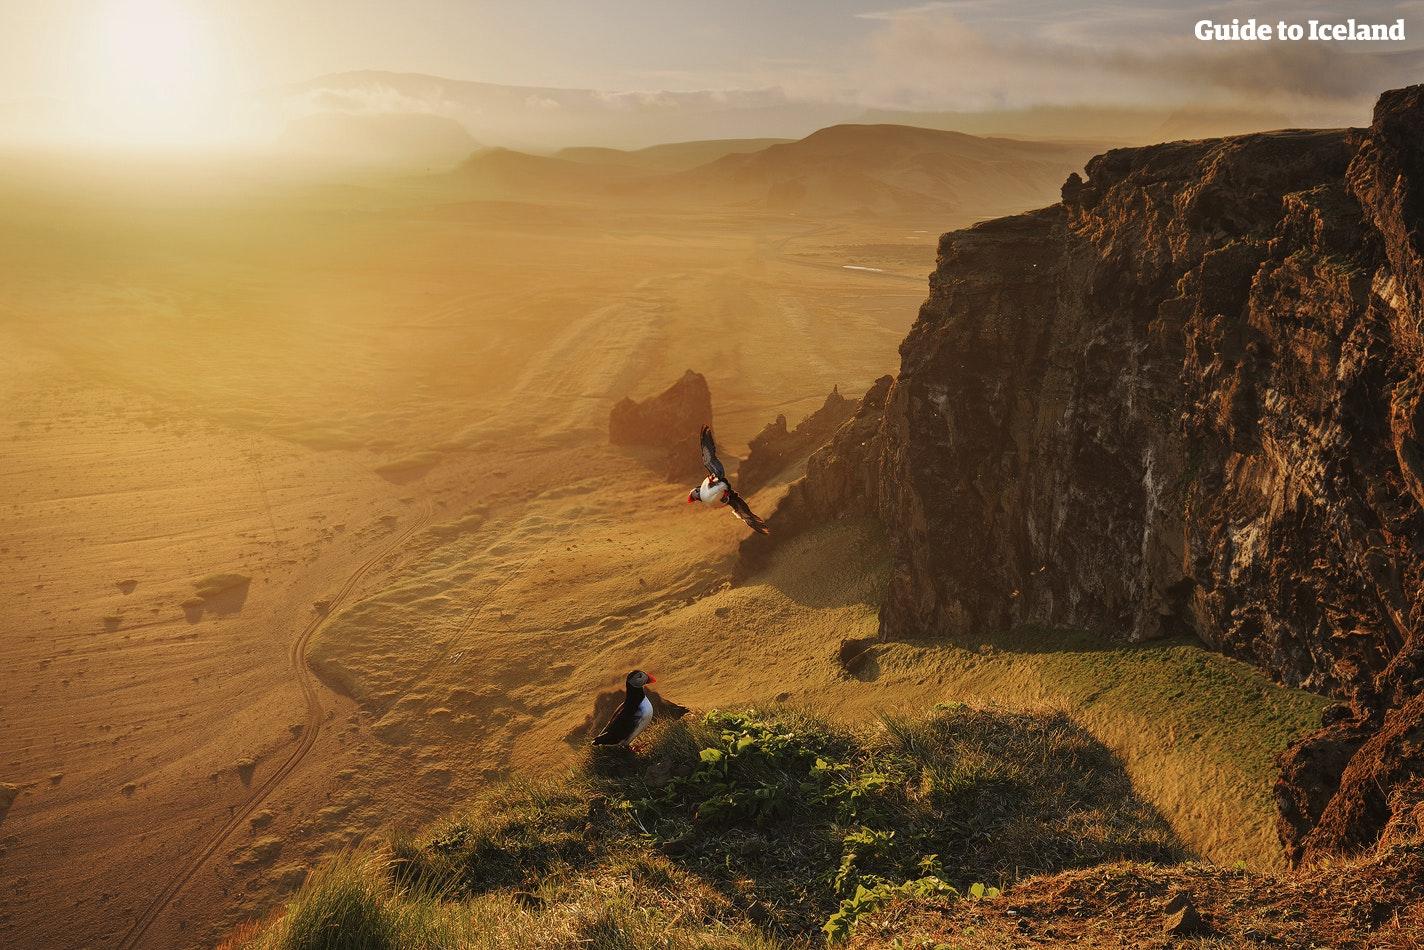 ฝูงนกพัฟฟินมักจะถูกพบเห็นได้รอบๆหน้าผาดิร์โอลาเอย์ในไอซ์แลนด์ใต้.